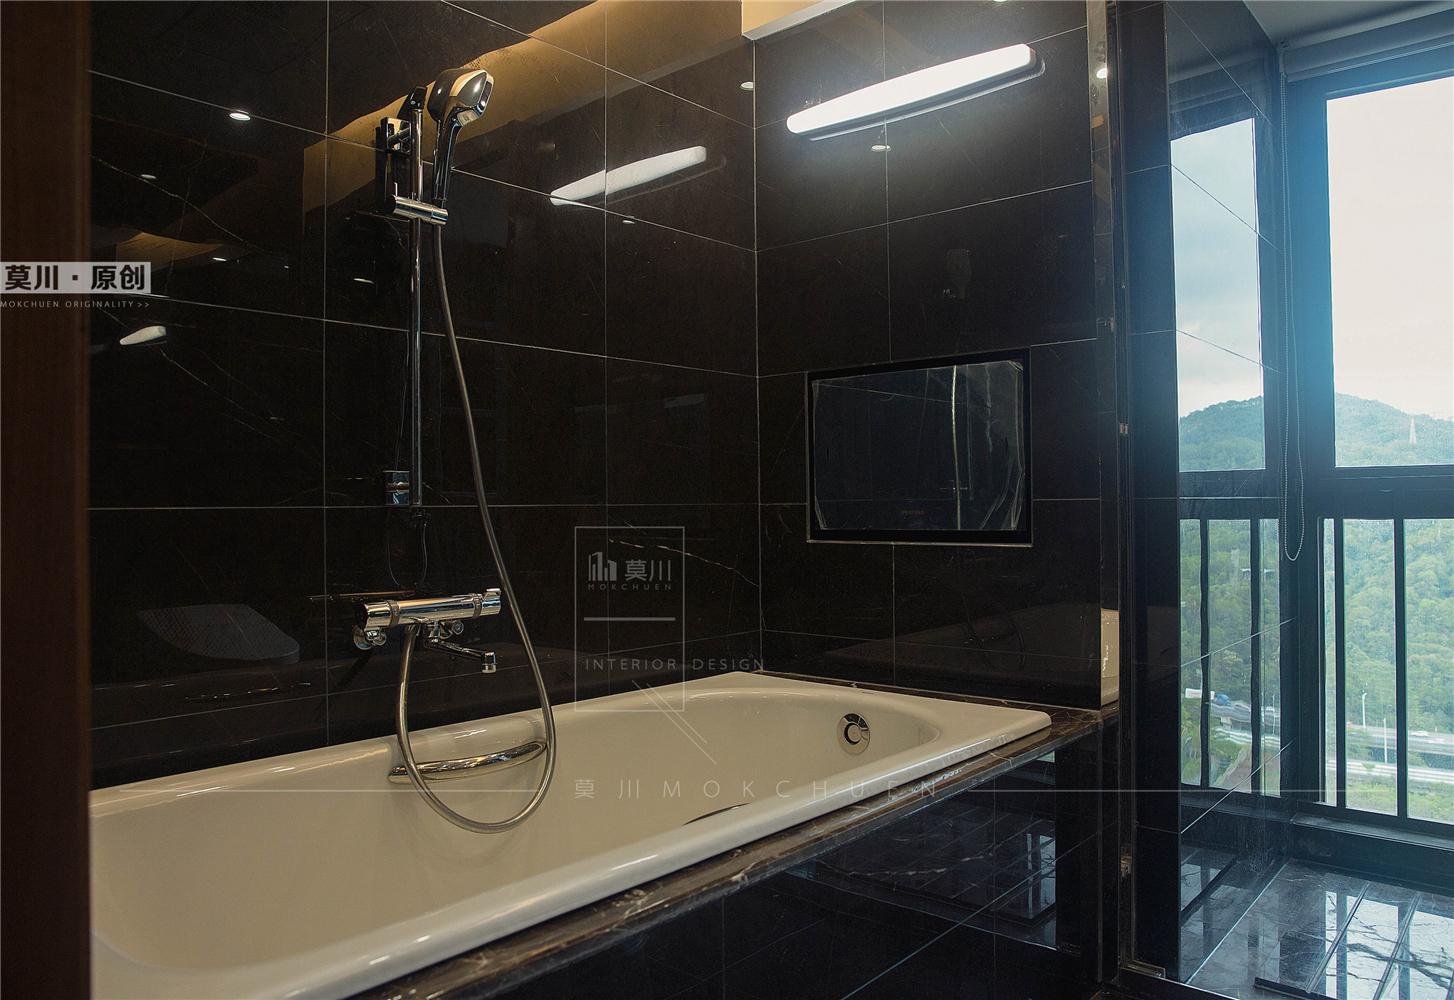 89㎡现代简约装修浴缸设计图